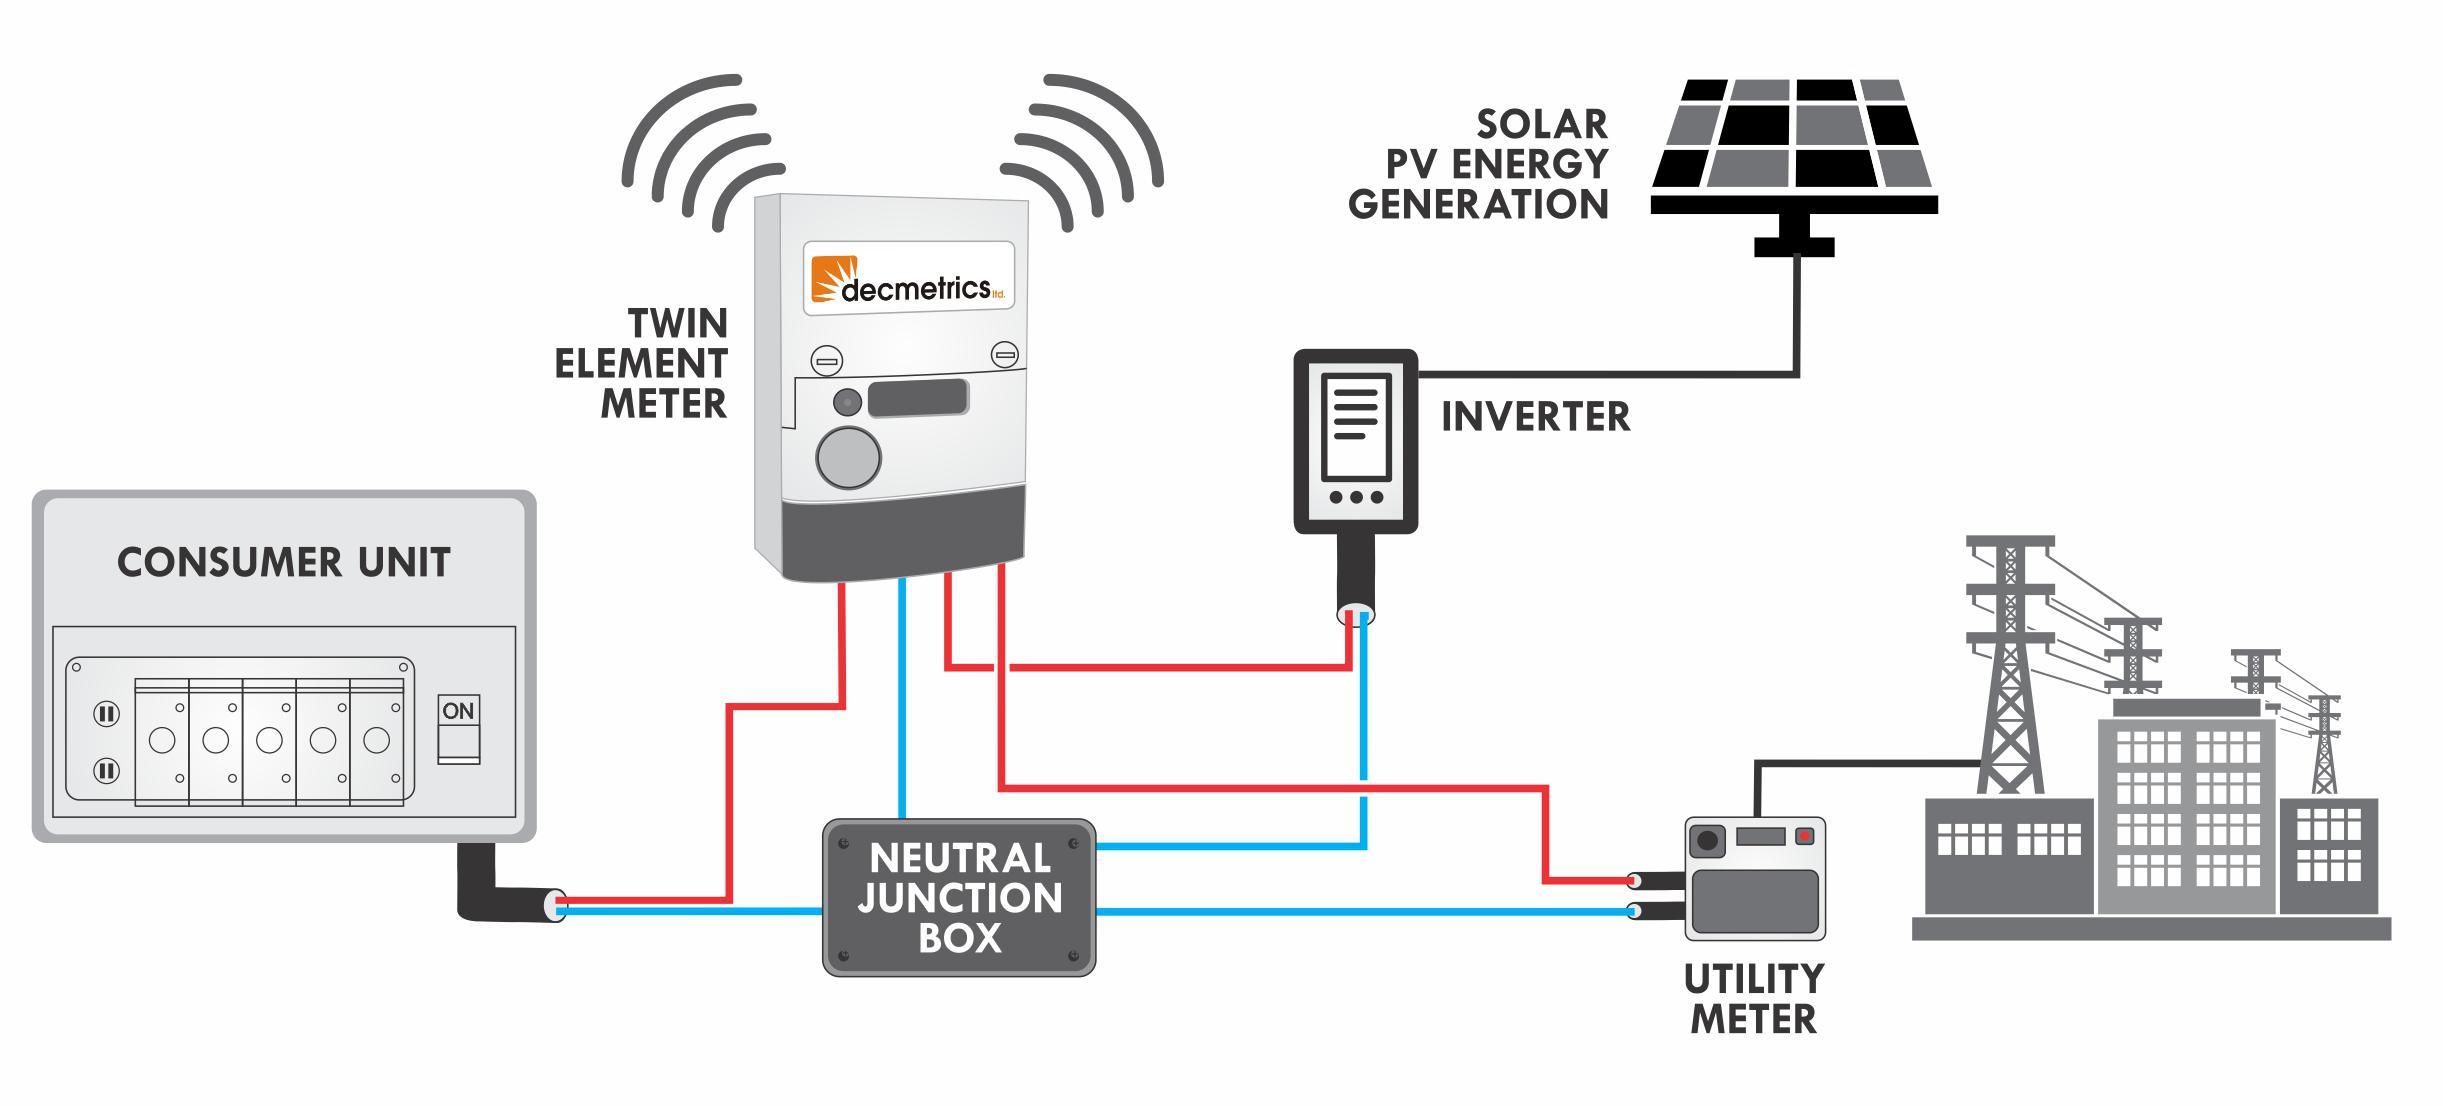 medium resolution of solar pv solar pv net metering schematic diagram solar net metering wiring diagram solar metering wiring